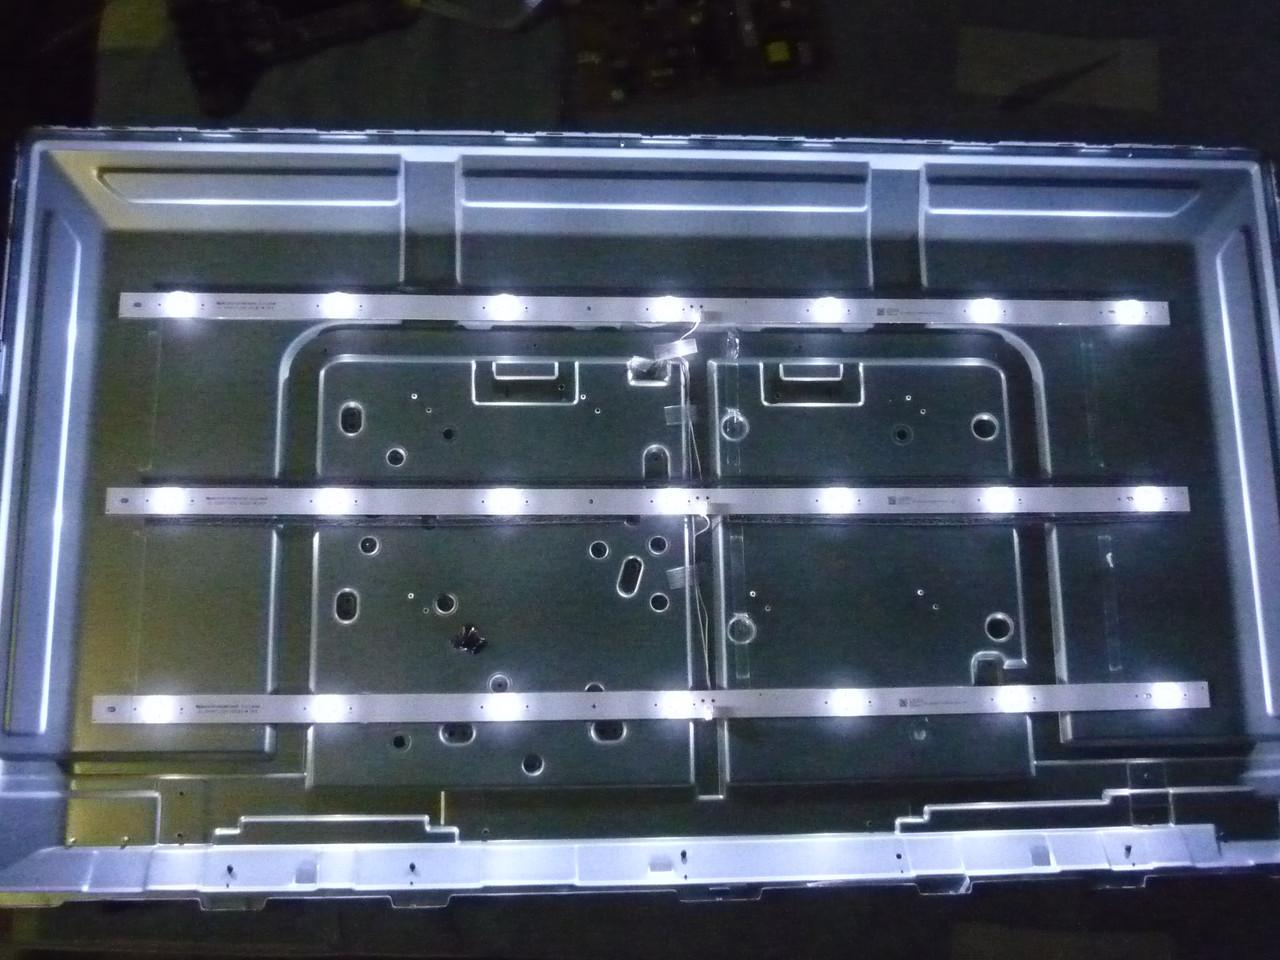 Світлодіодні LED-лінійки JL.D40071330-002AS-M_V02 (матриця C400U17-E60-S (G01)).